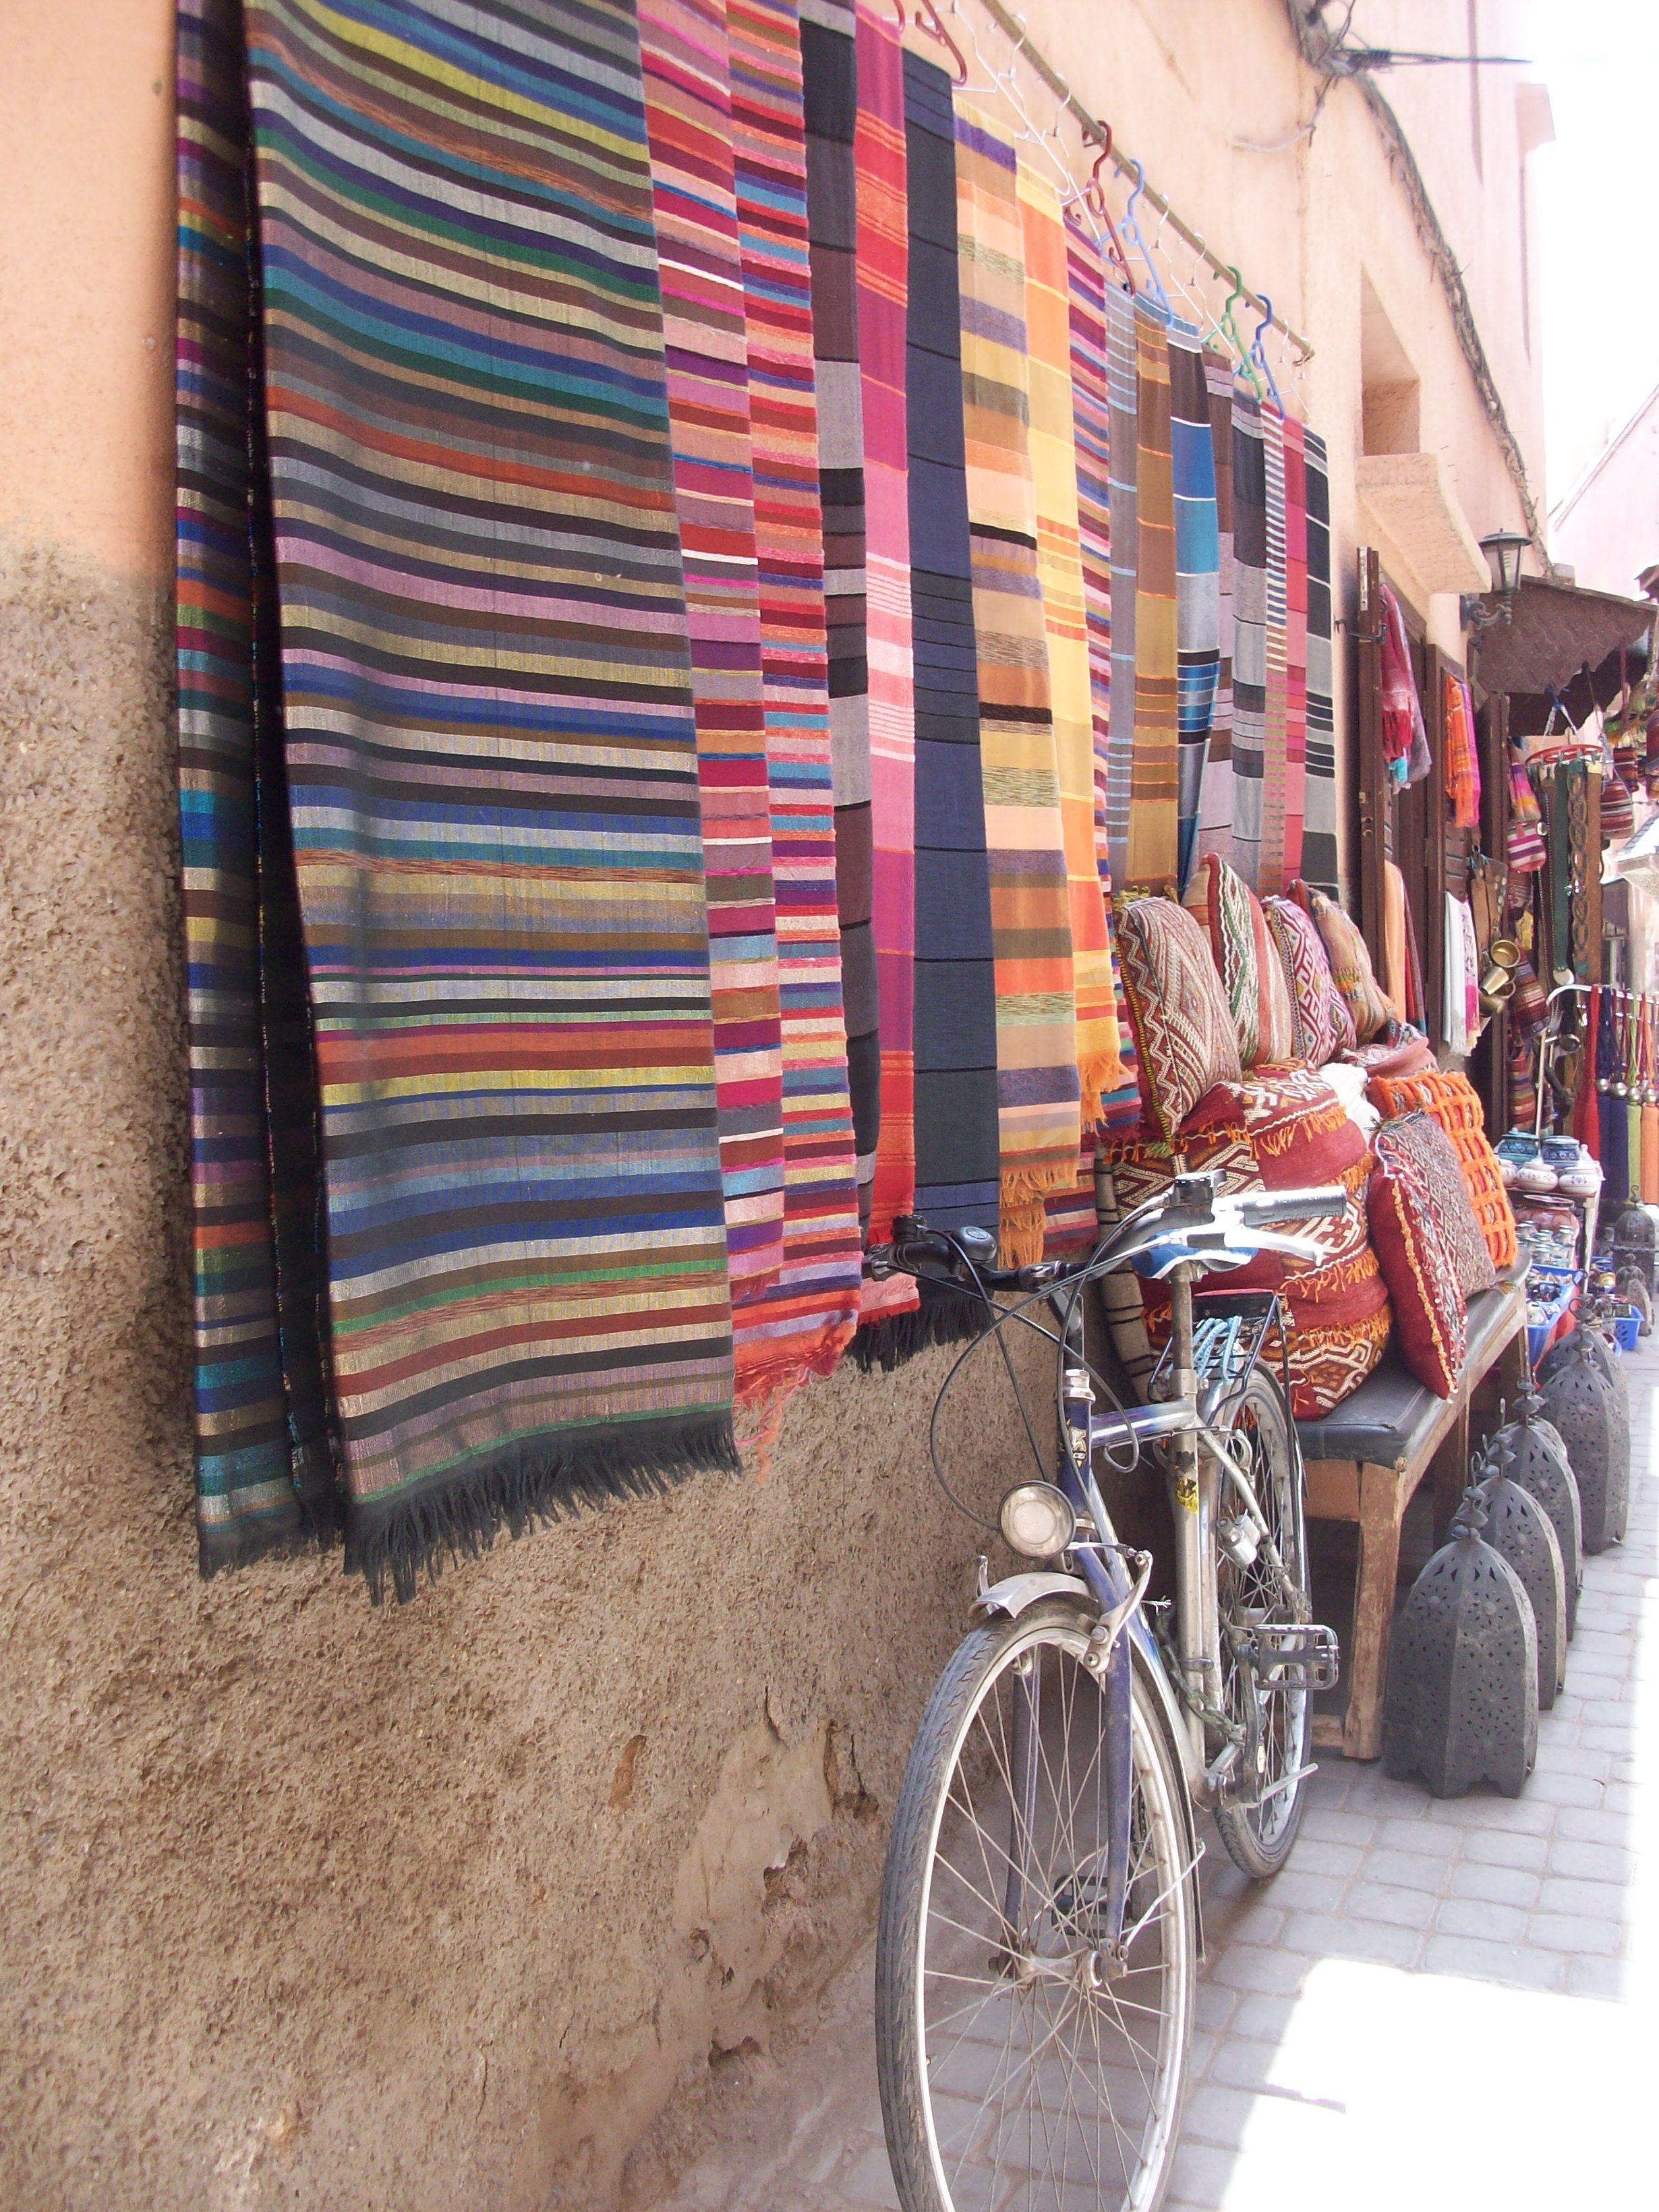 Clair eleggett Marrakesh